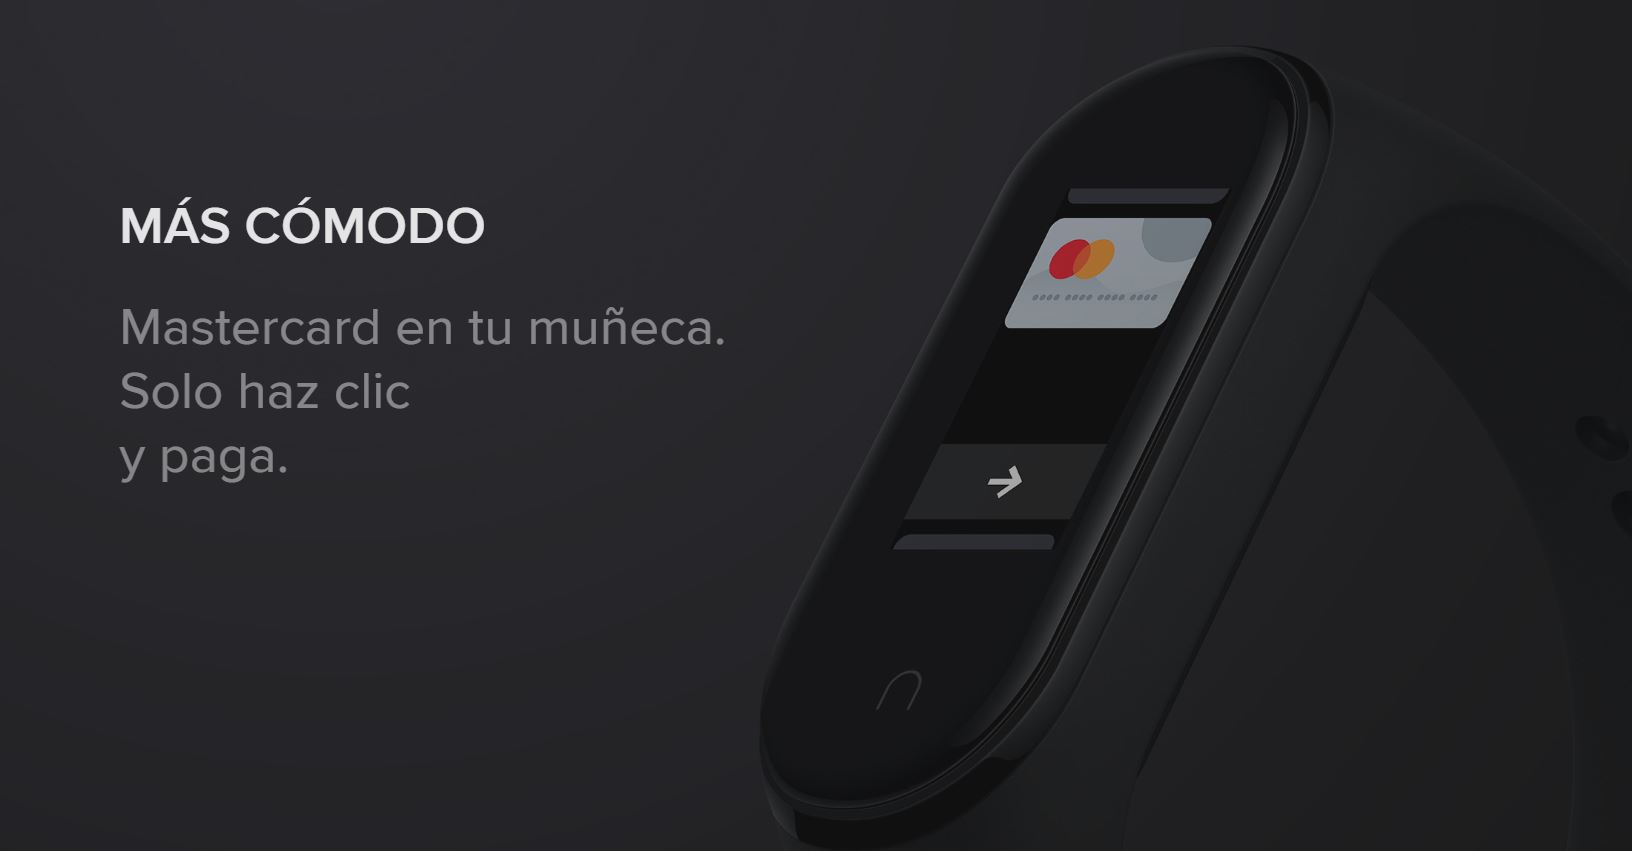 La Xiaomi Mi Band 4 NFC llega a Rusia permitiendo pagar con ella, ¿llegará al resto de Europa?. Noticias Xiaomi Adictos